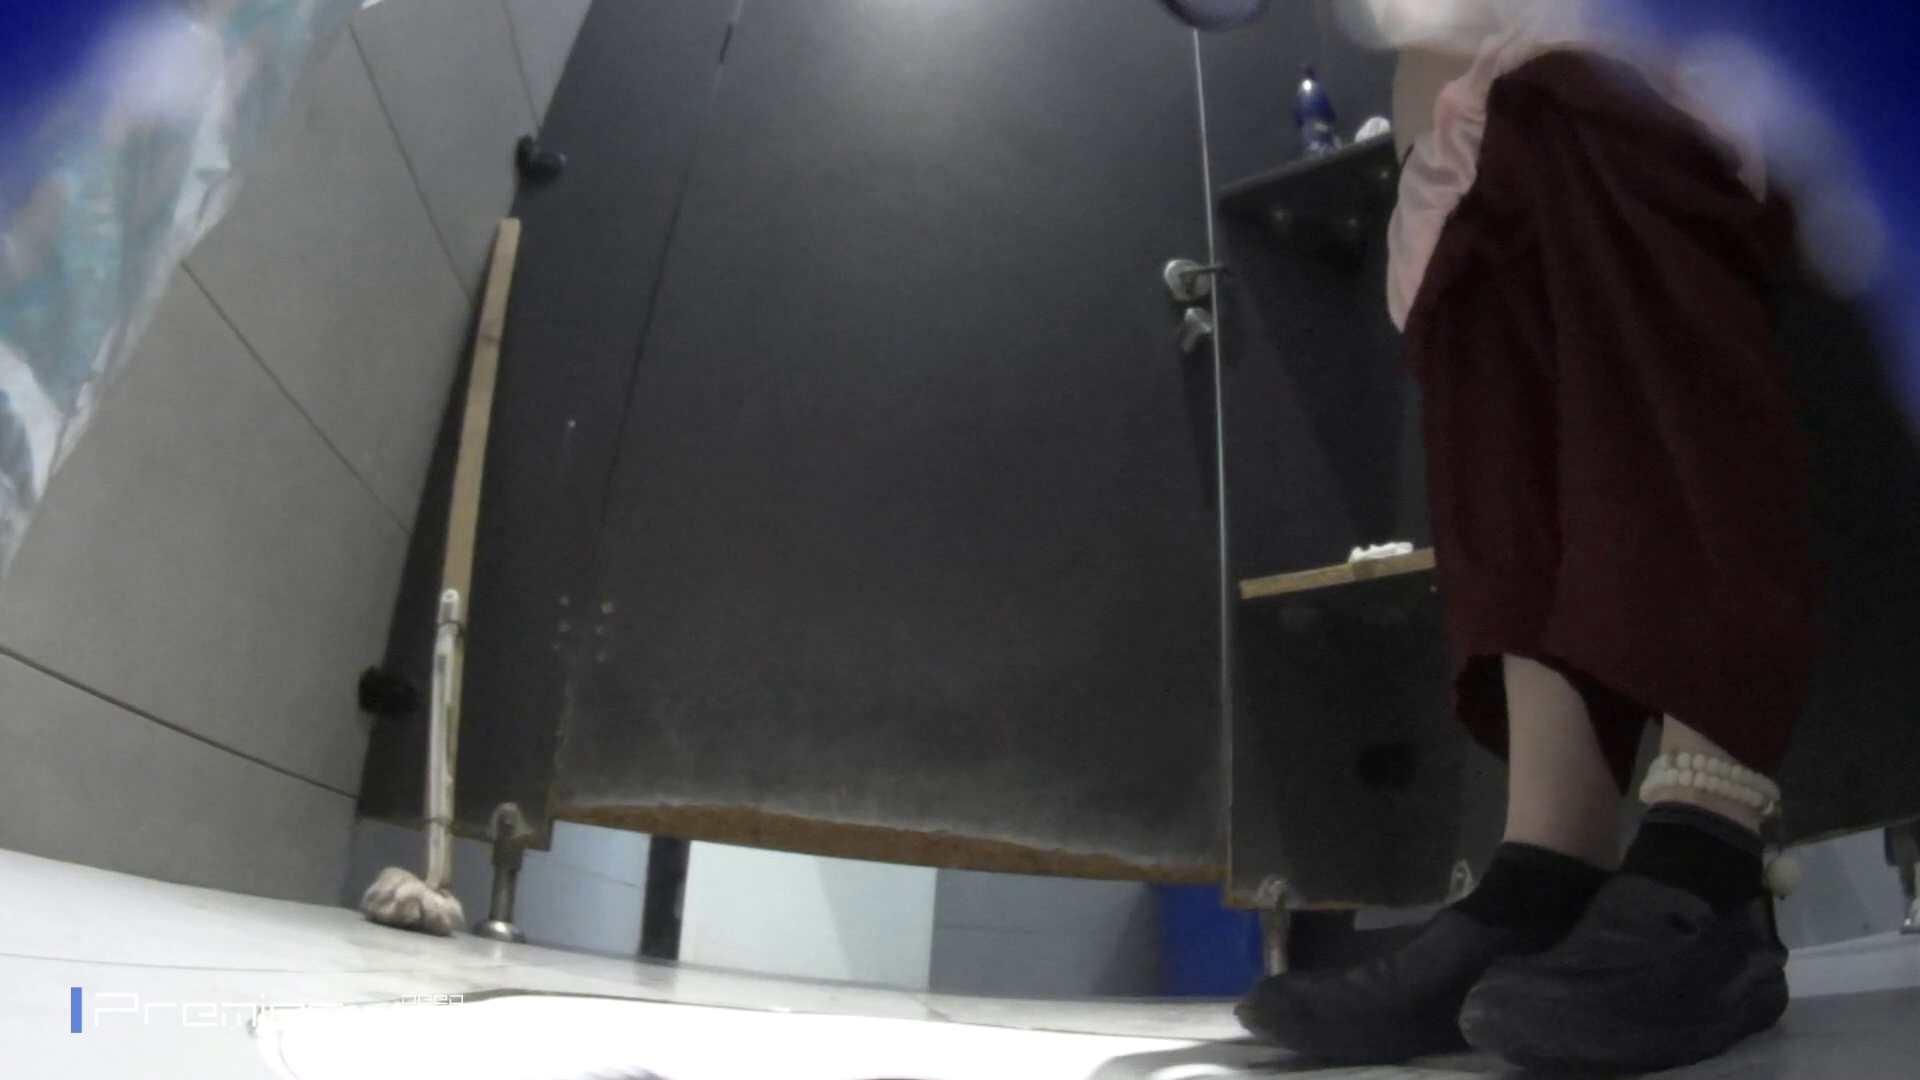 フロントから丸見え! 大学休憩時間の洗面所事情60 丸見え 濡れ場動画紹介 87pic 71